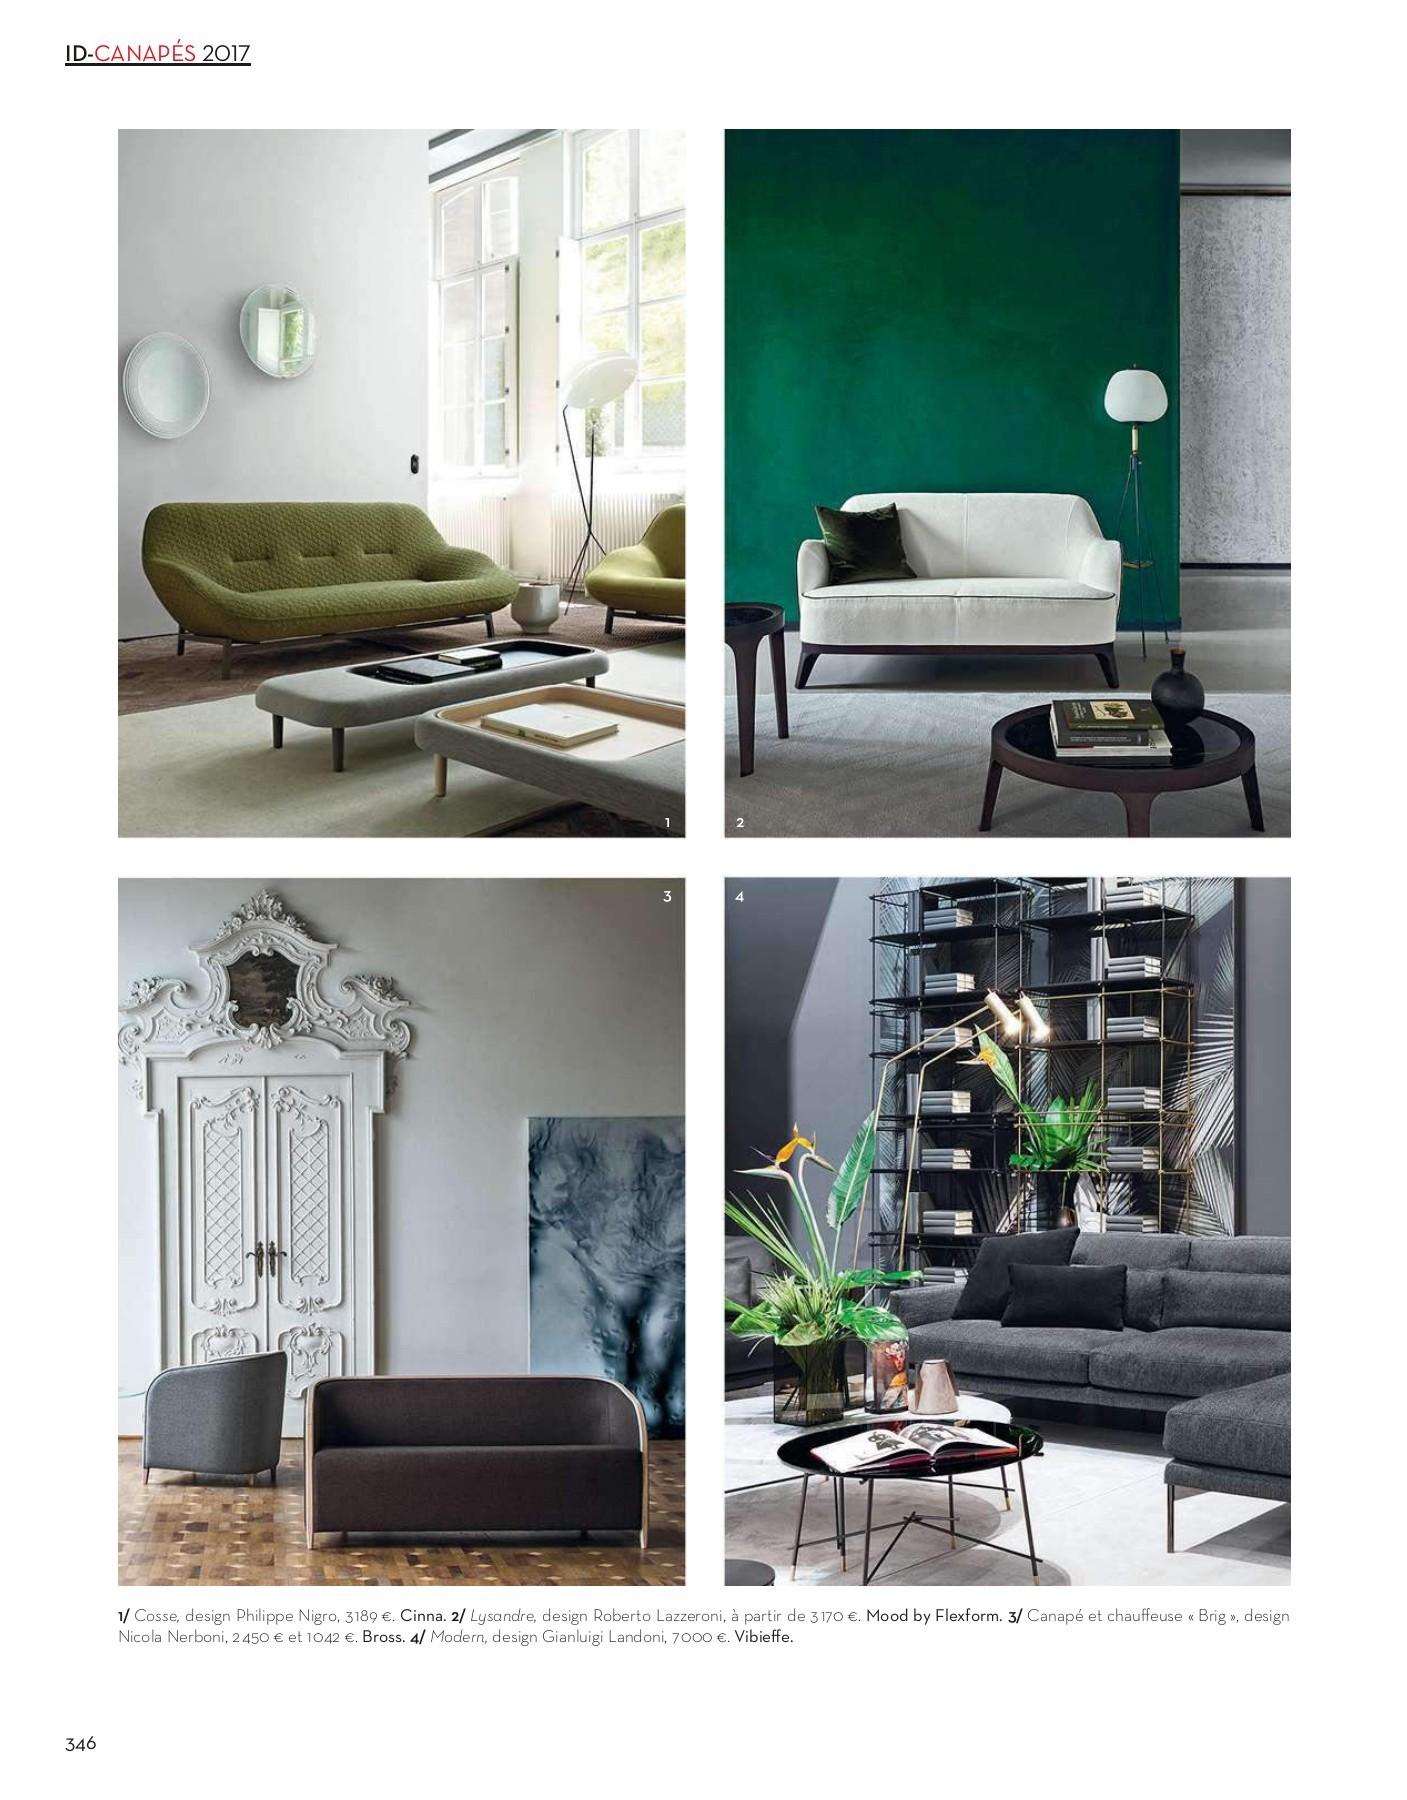 Confort Bain Design Bois Guillaume ideat france__septembre-octobre_2017-flip book pages 351-400